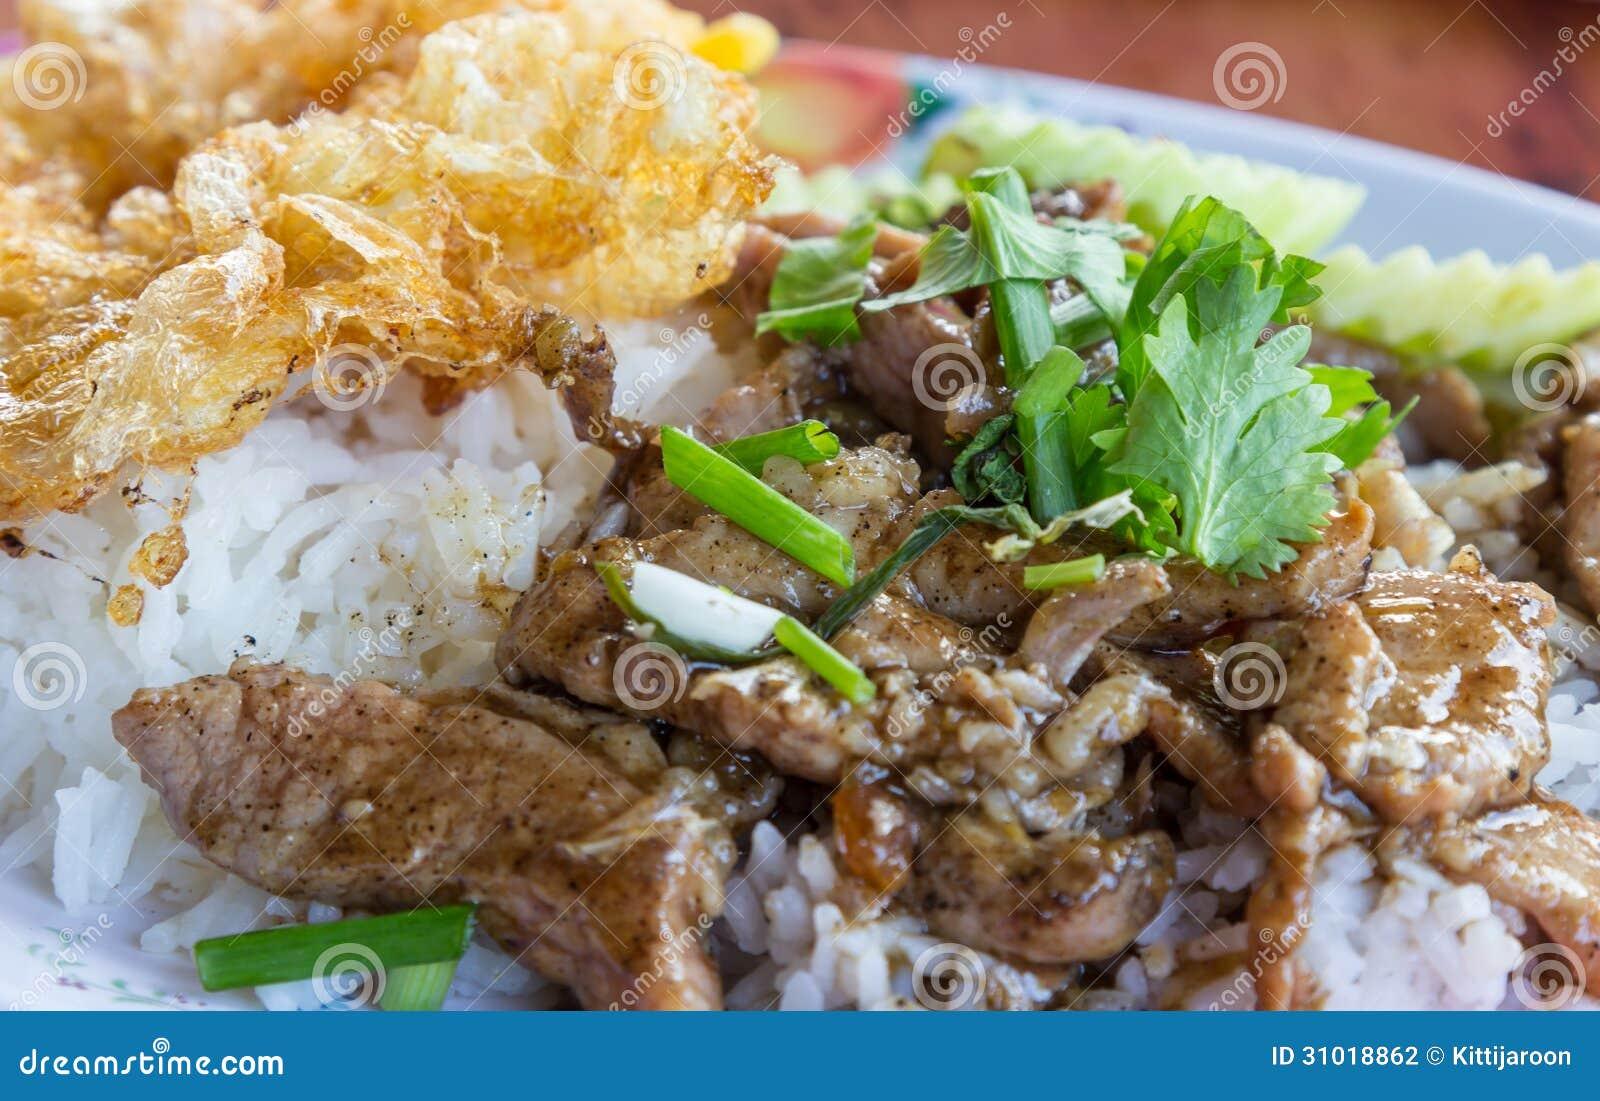 油煎的猪肉用大蒜和鸡蛋在米